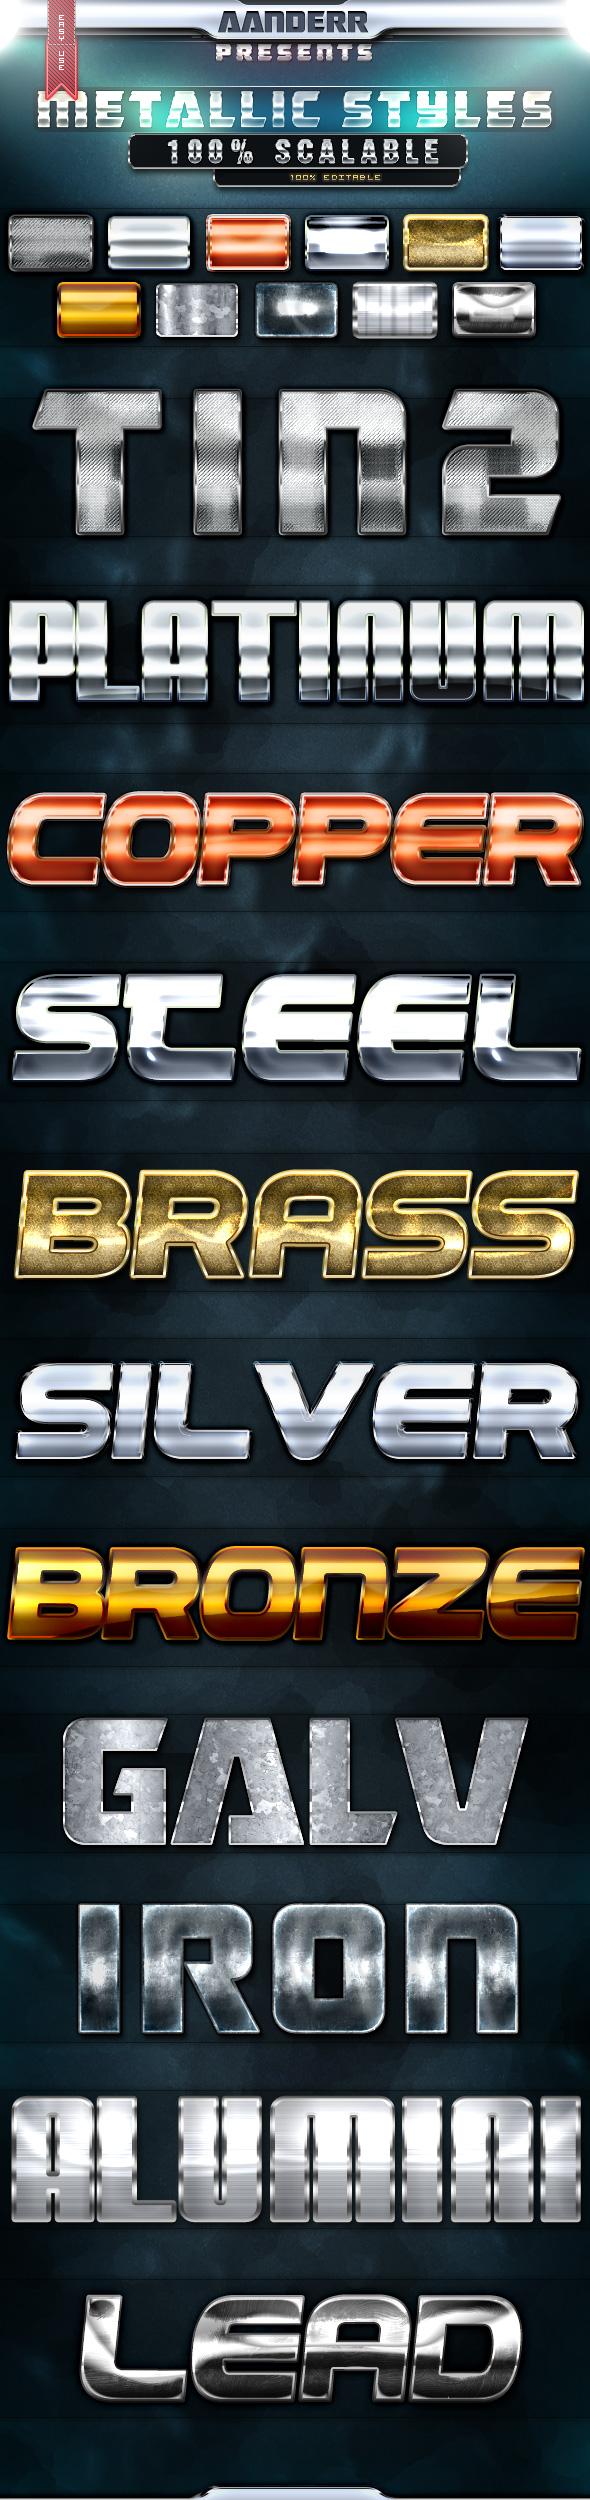 metallic-stylesv26wjsy.jpg